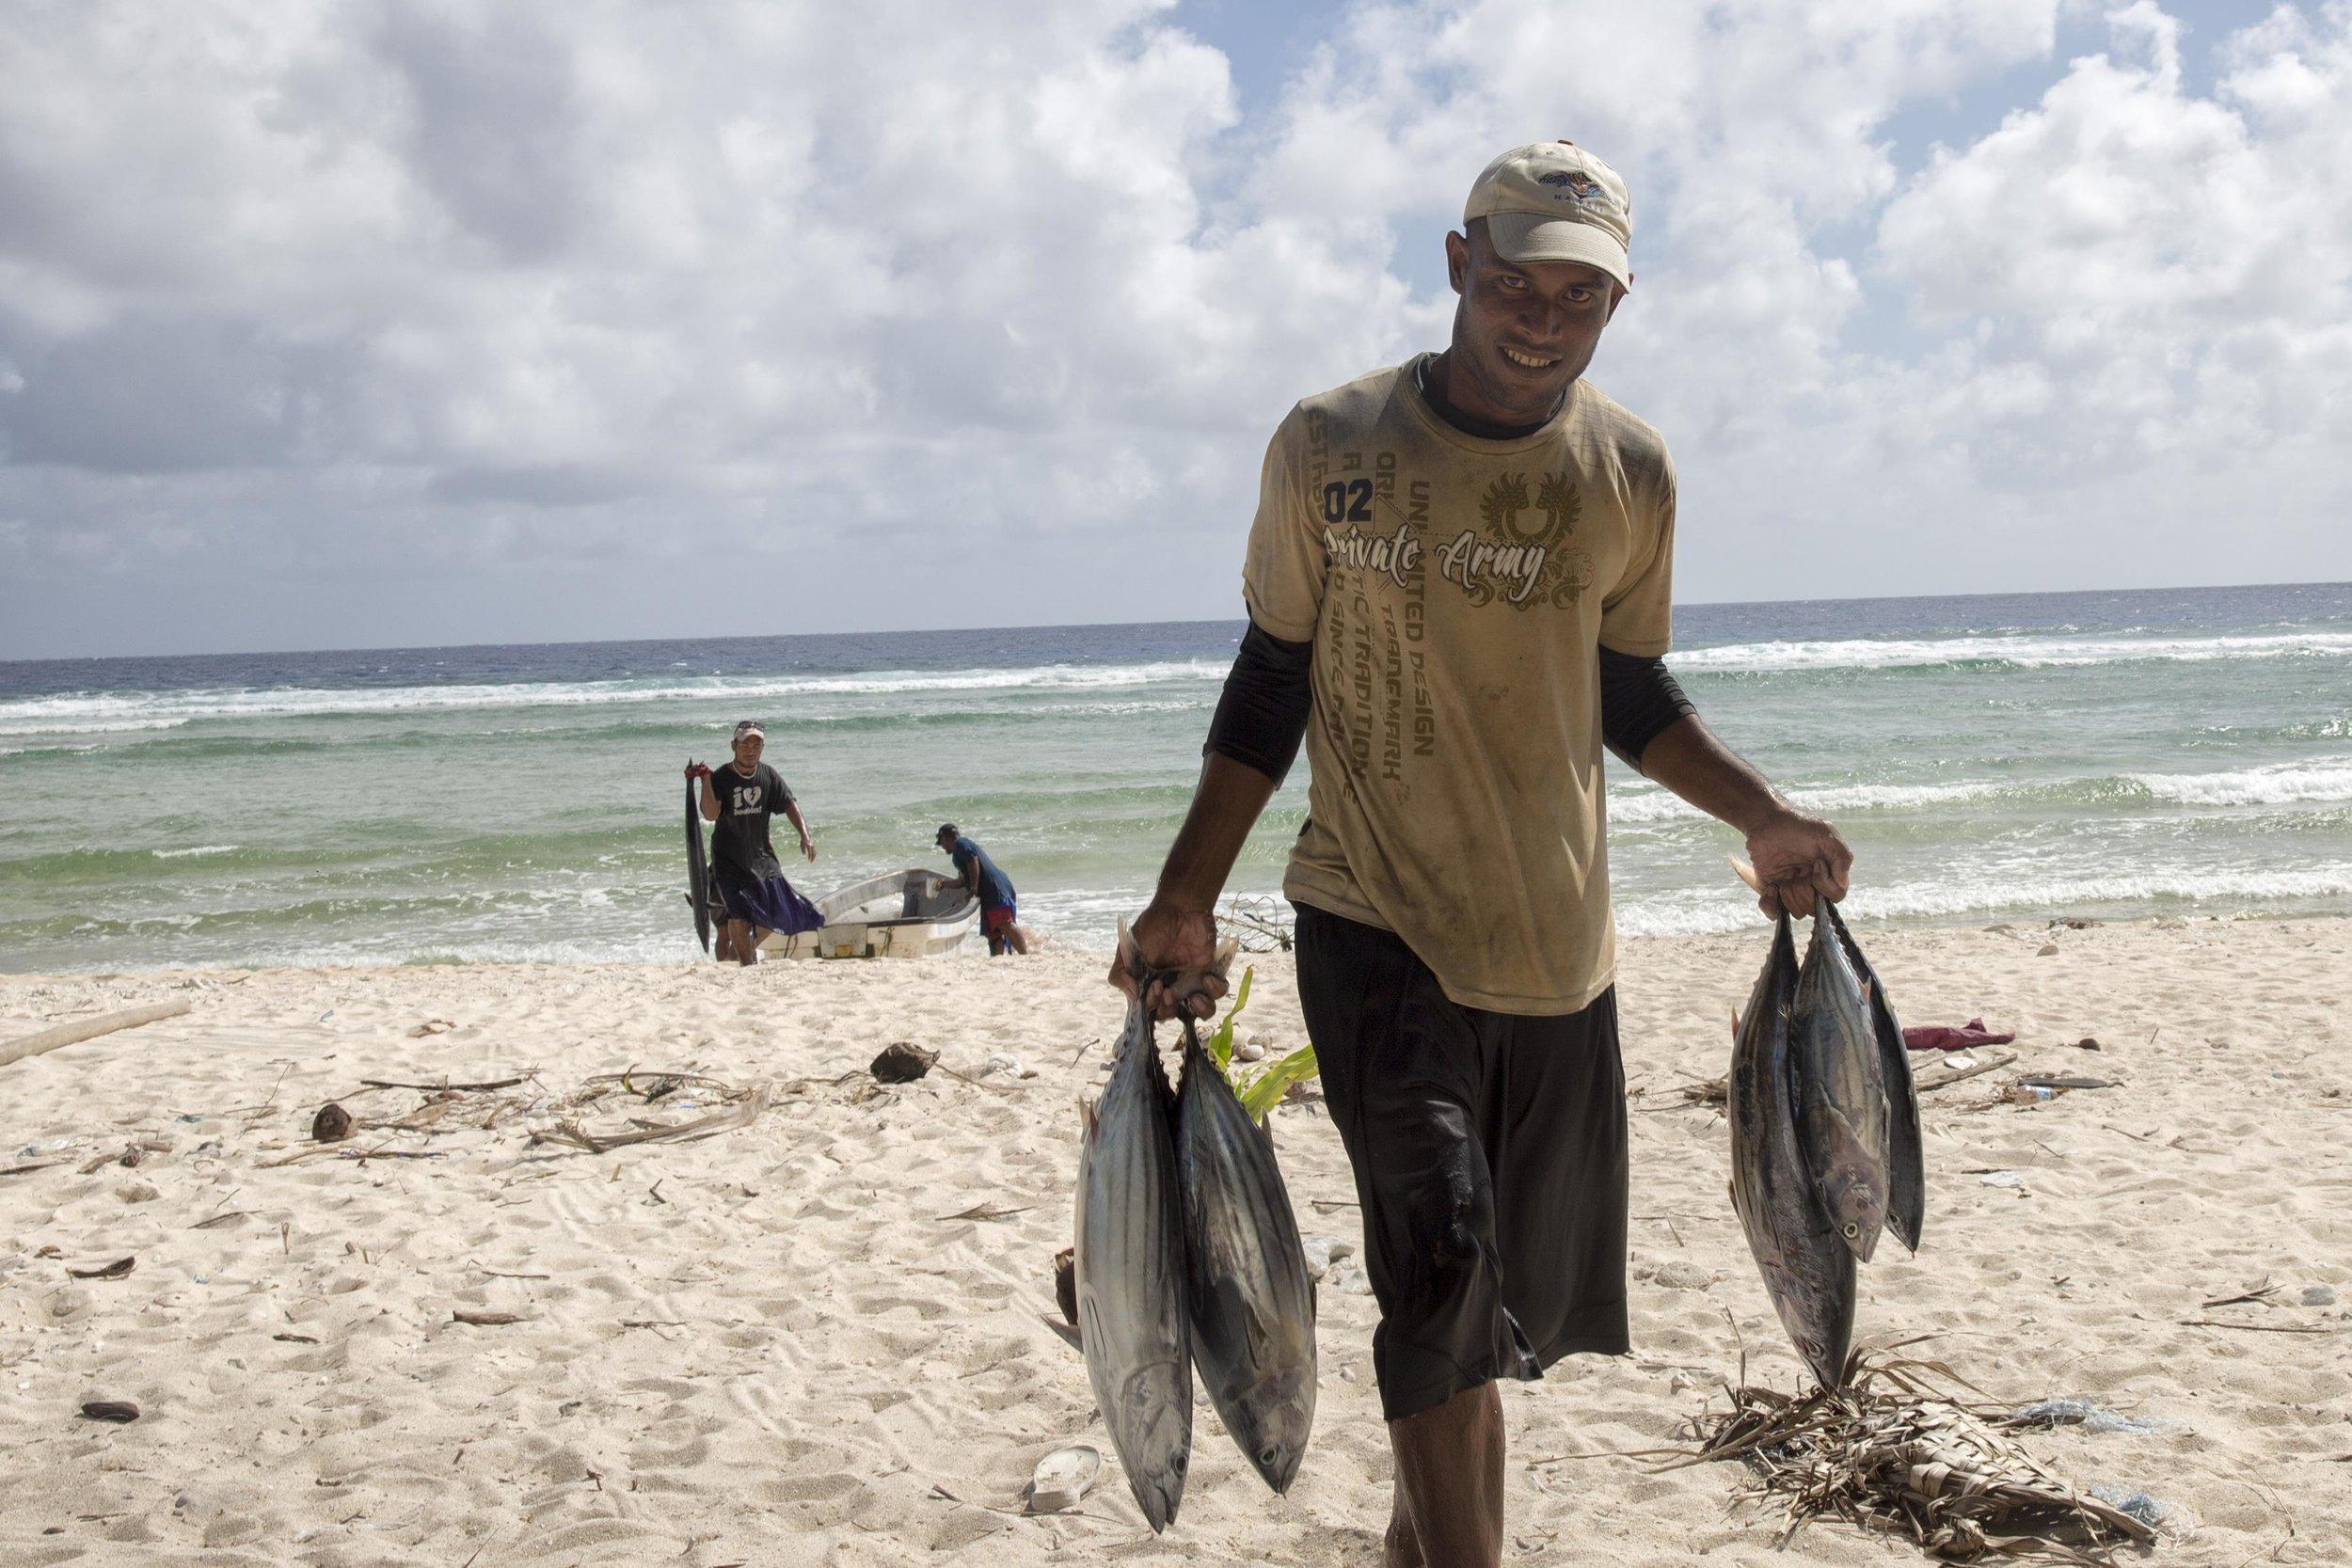 A Micronesian fisherman carrying tuna.